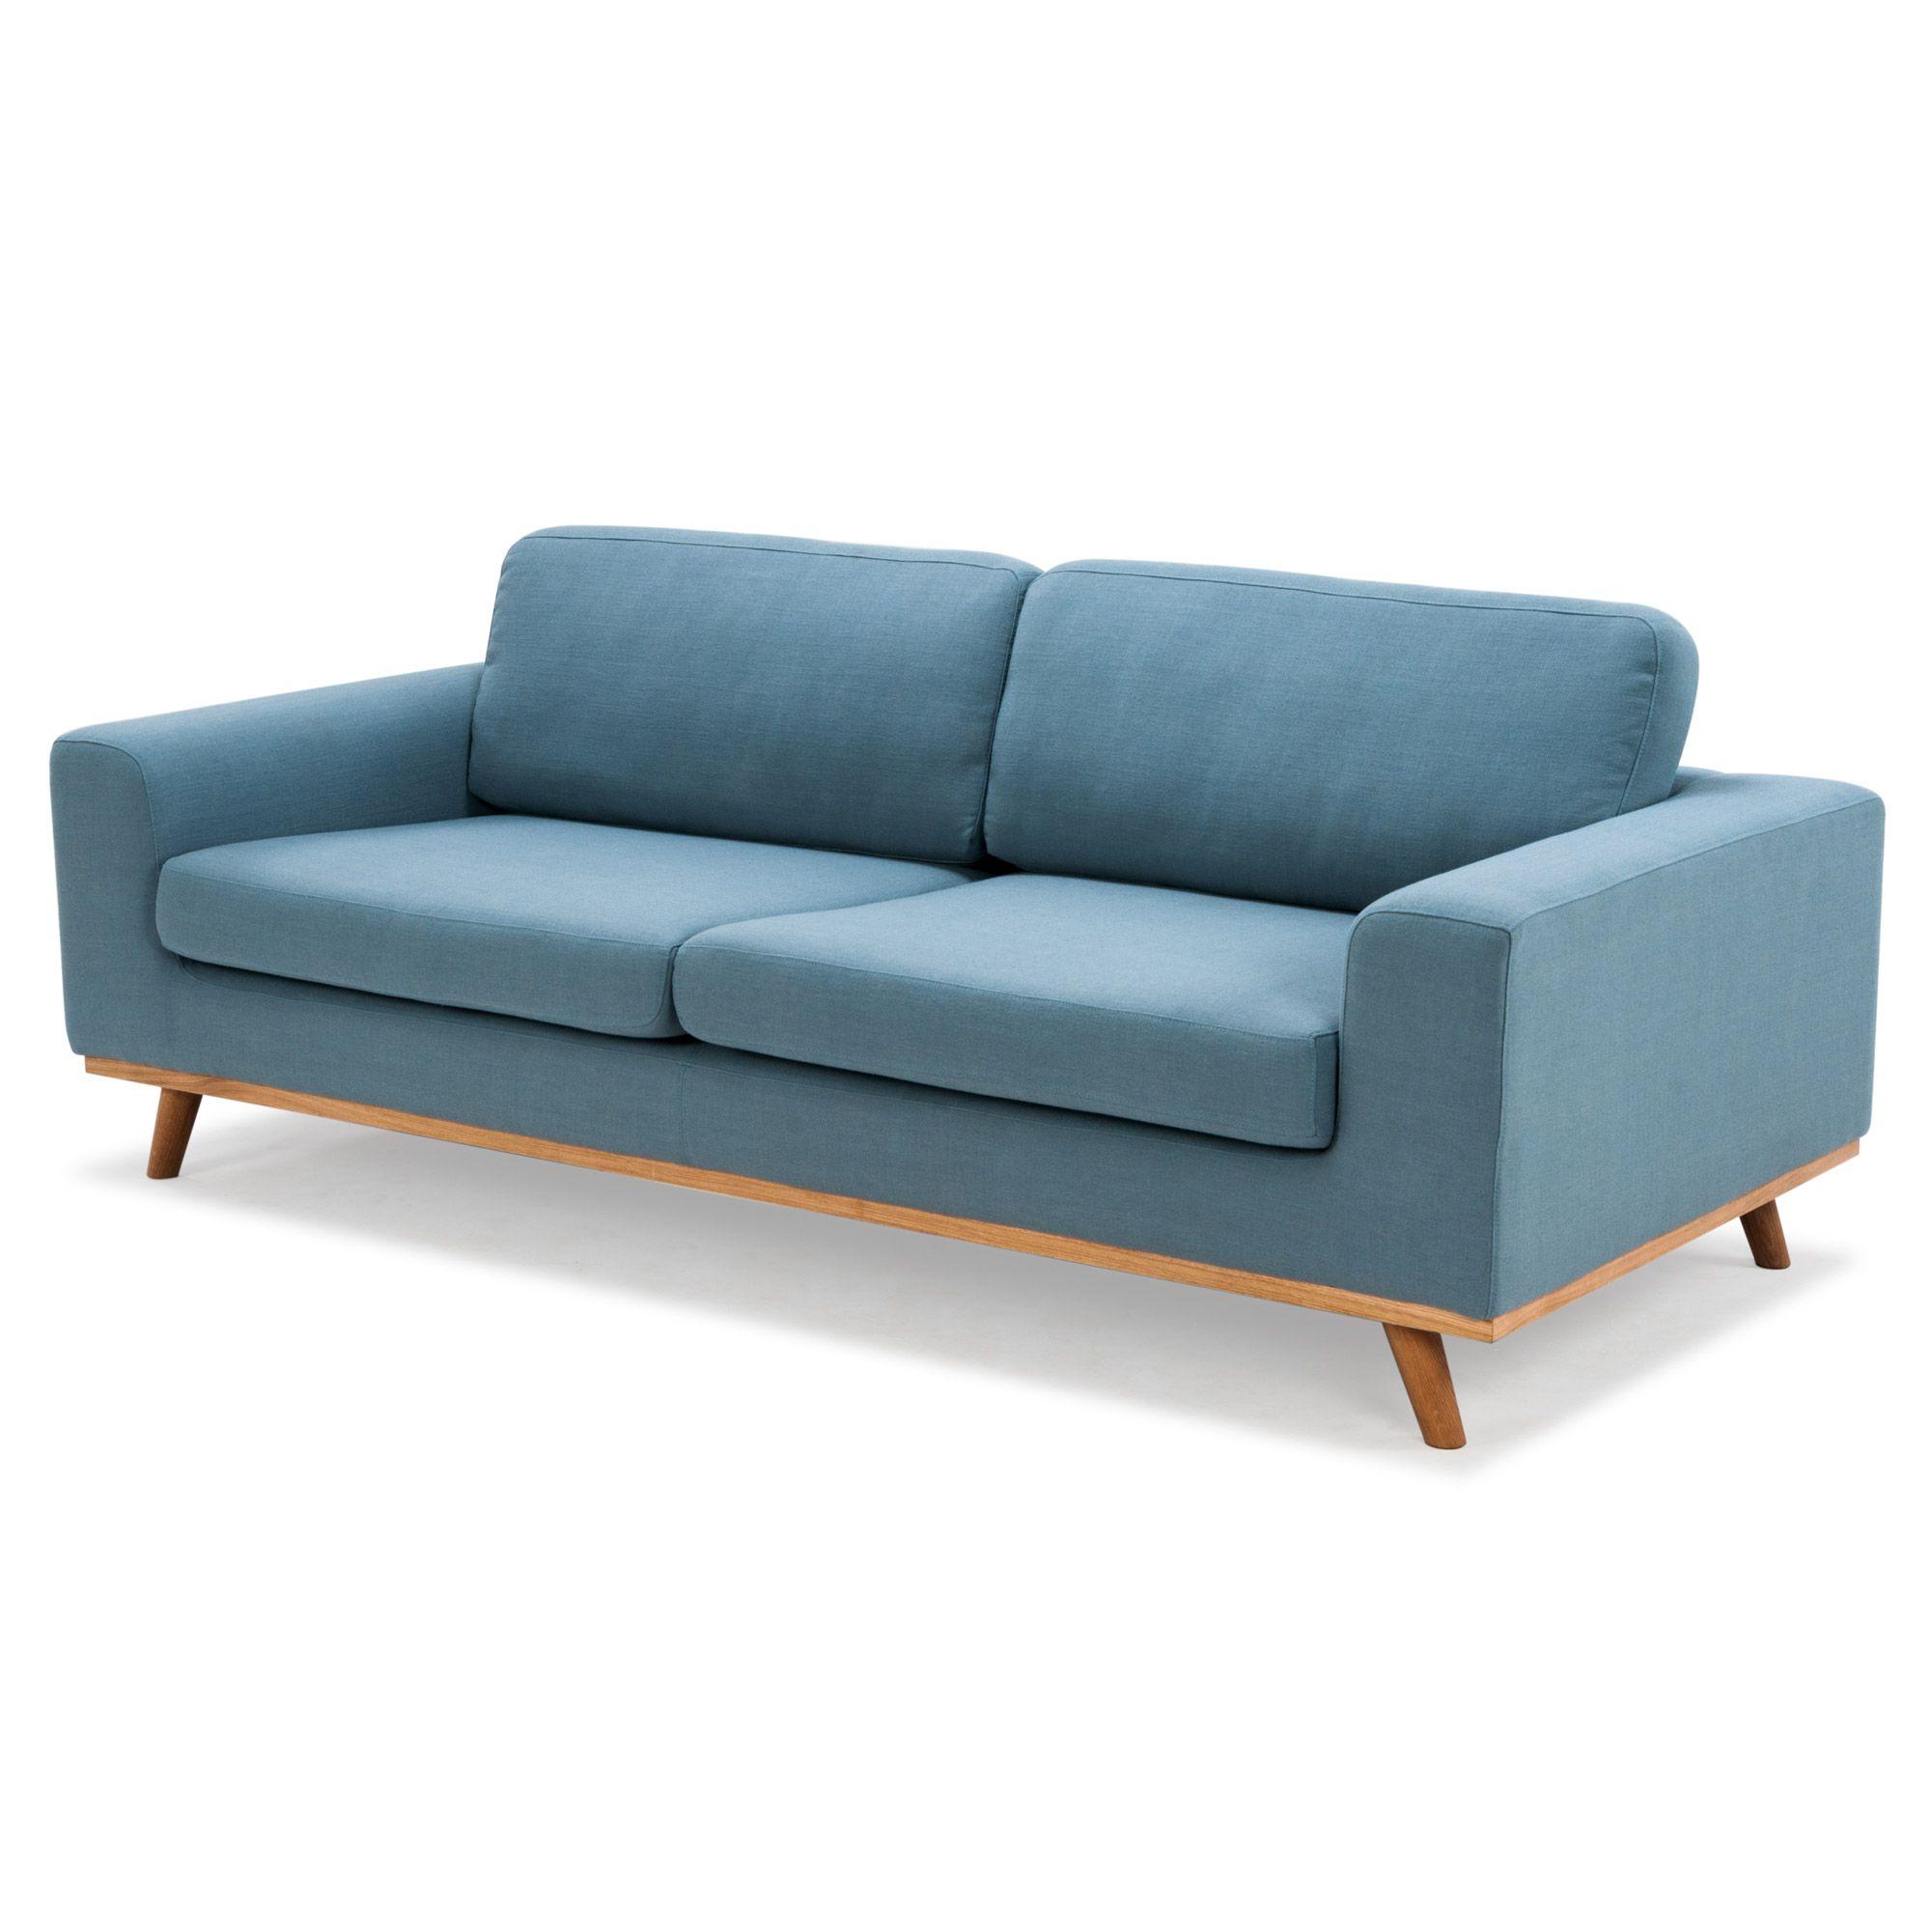 canapé en tissu avec base et pieds inclinés en bois naturel jorgen